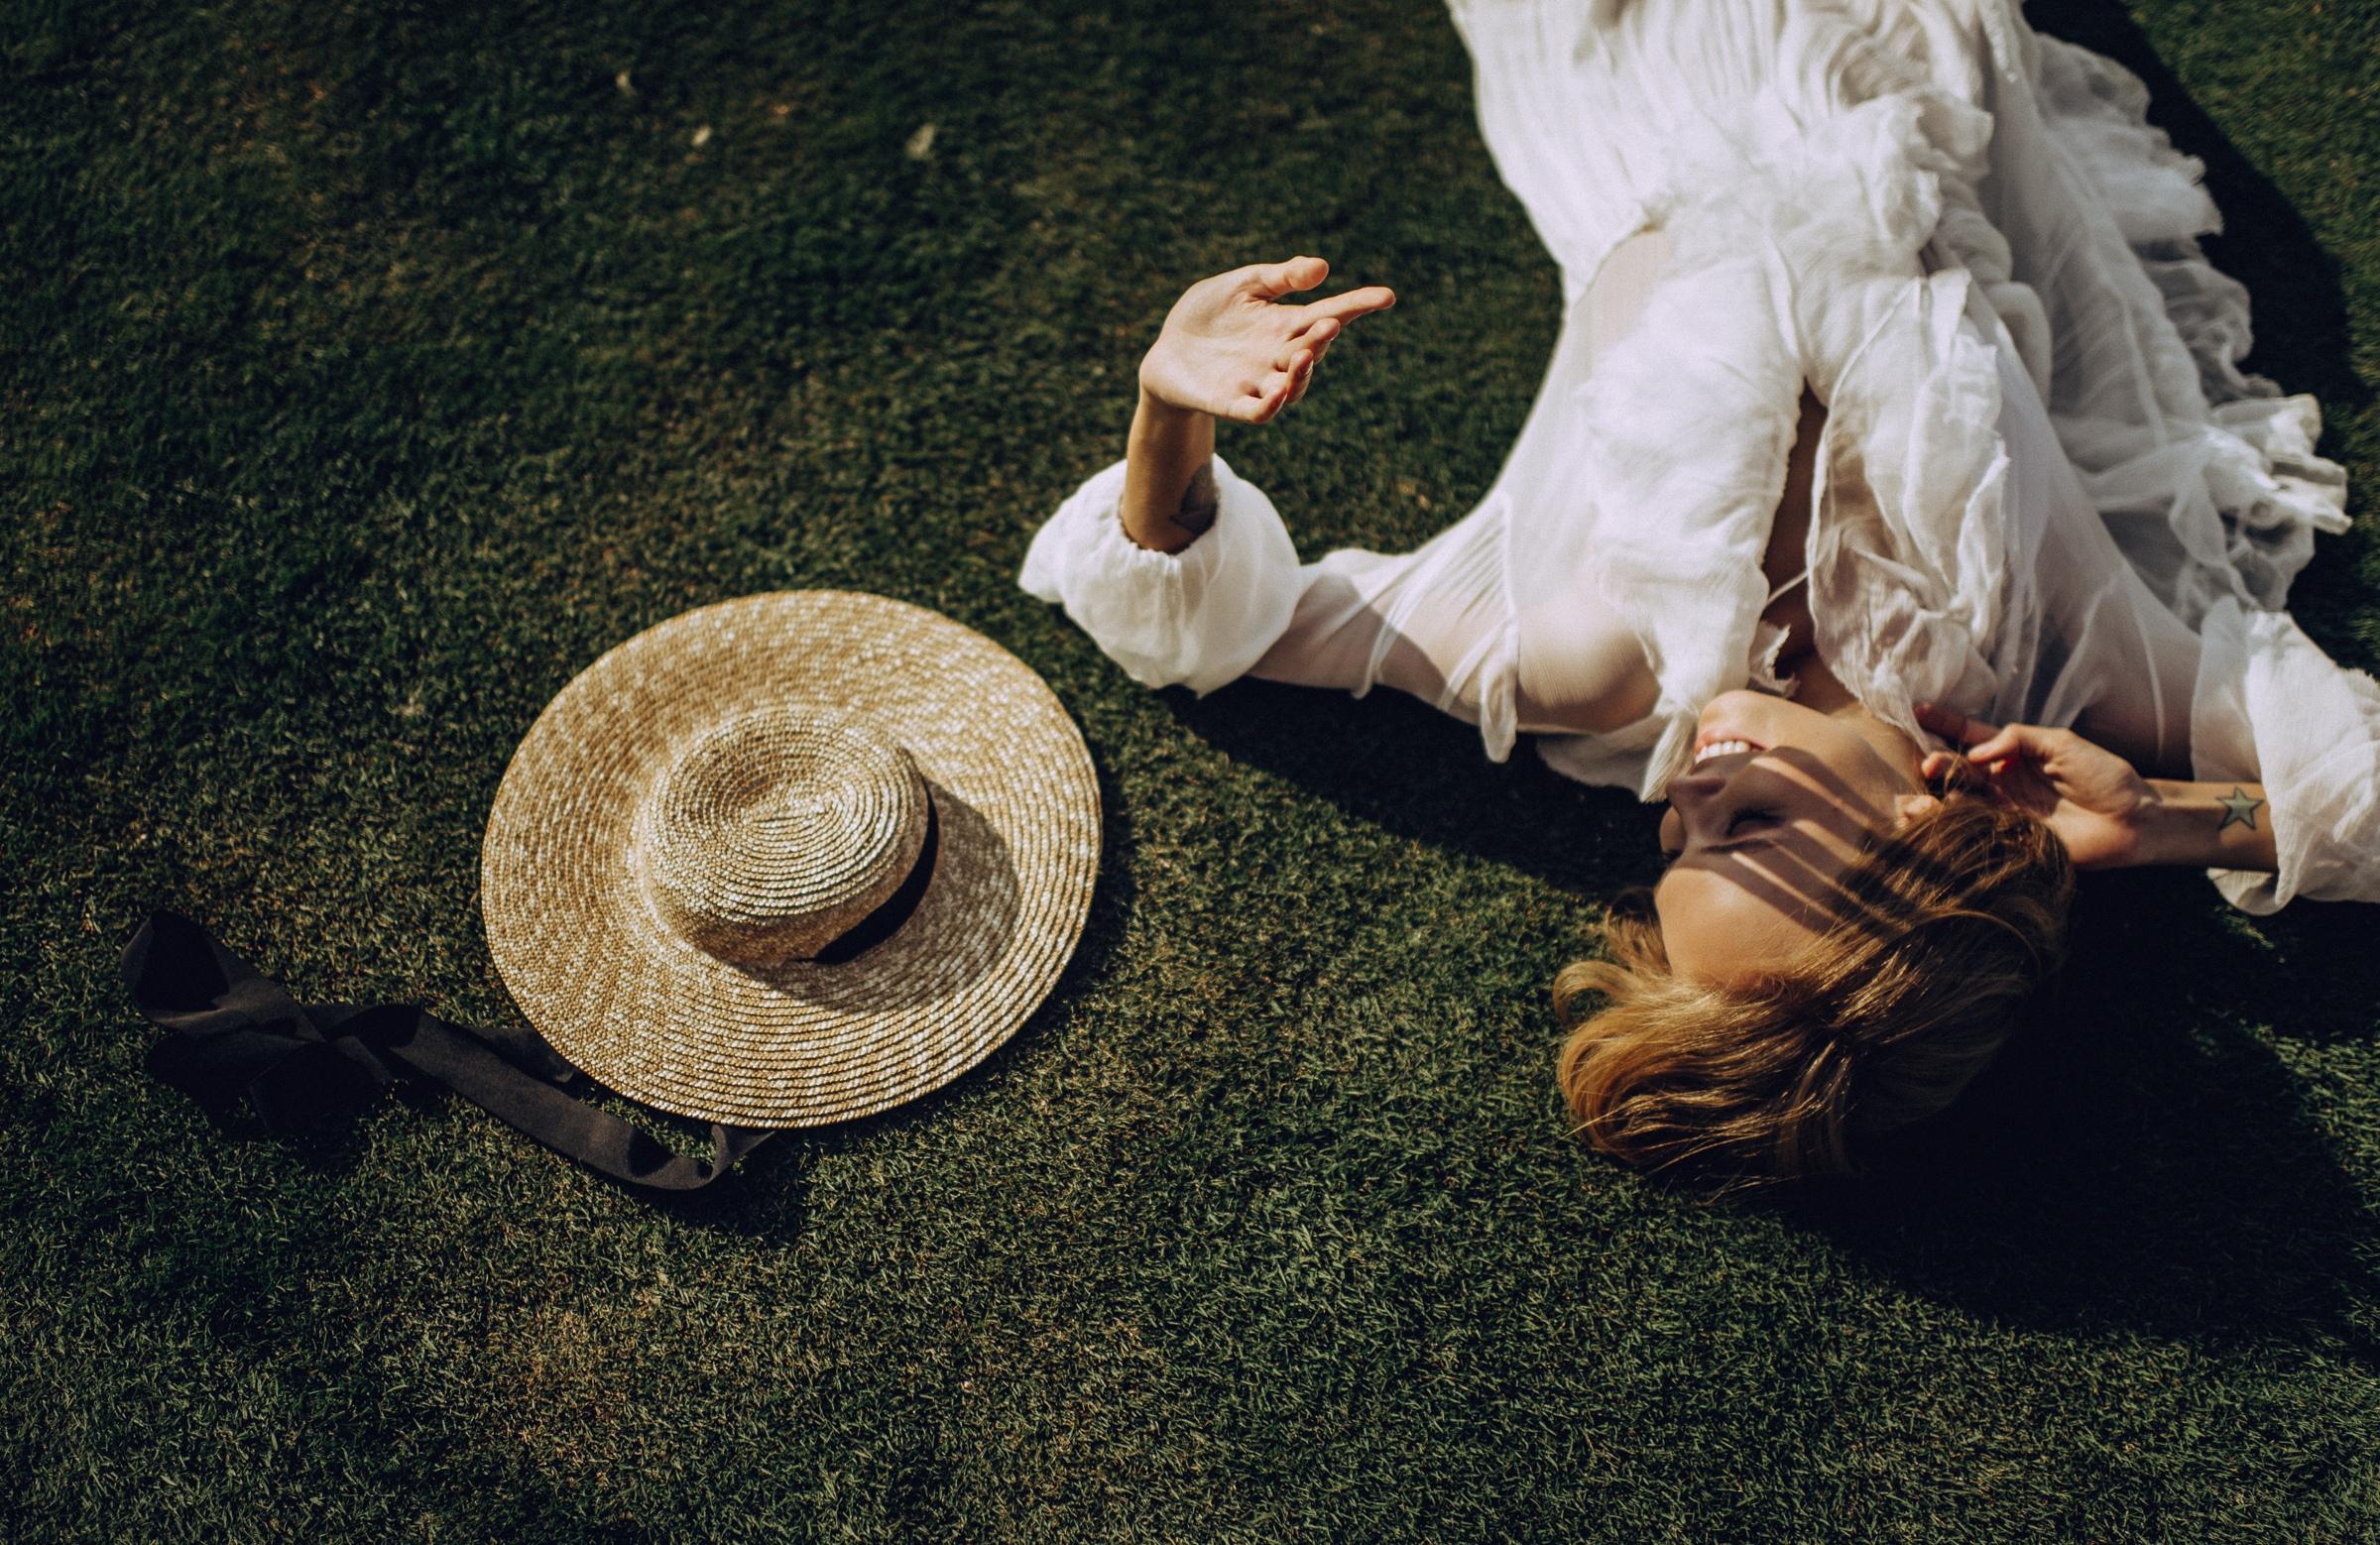 Golf Wedding / фотограф Виктория Романова - модель Анастасия Щеглова